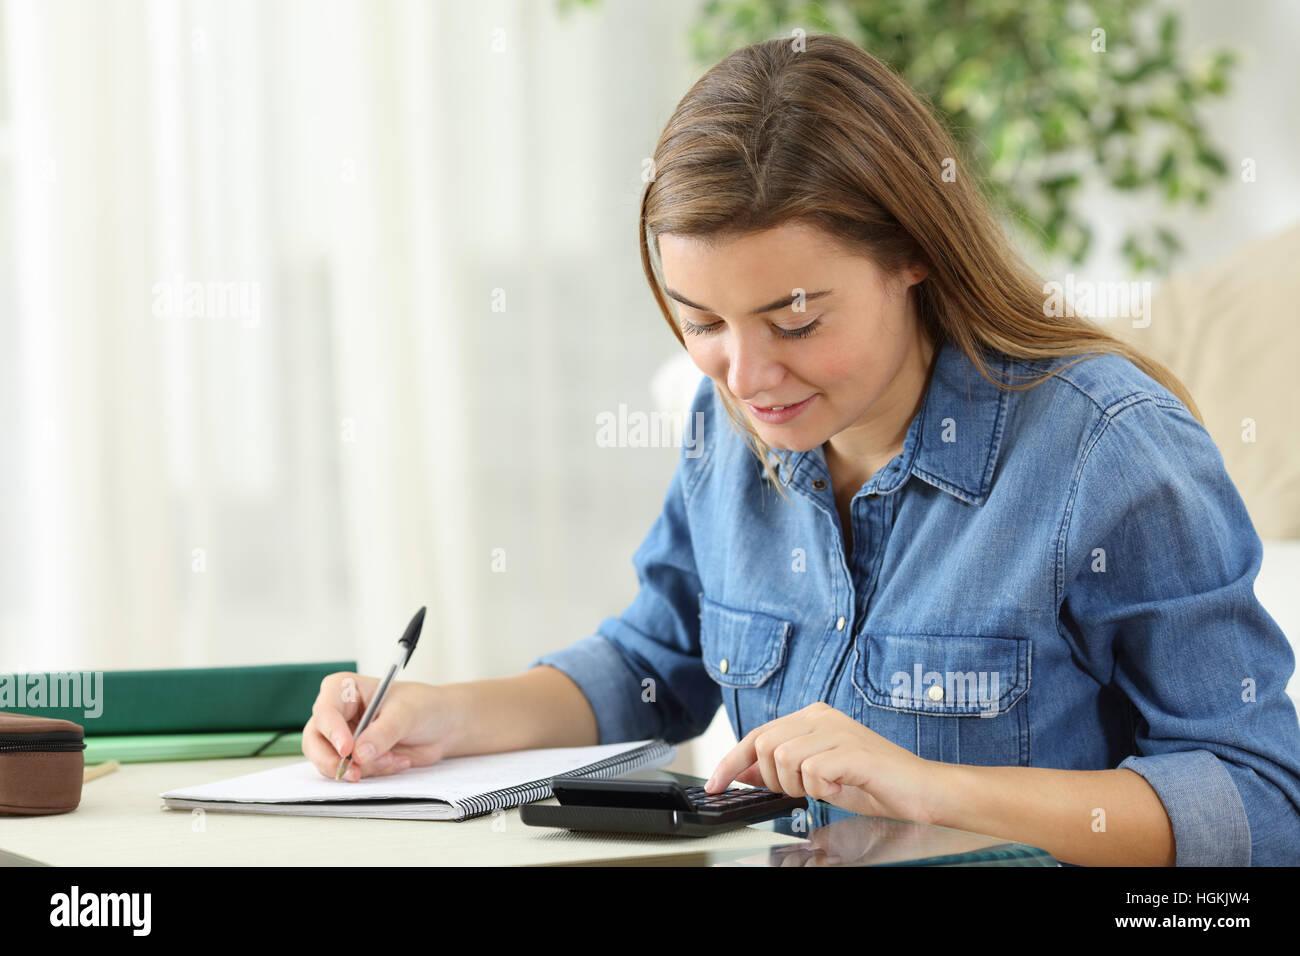 Étudiant étranger le calcul avec une calculatrice et de l'écriture de l'emplacement des notes sur le sol dans la salle de séjour à la maison Banque D'Images